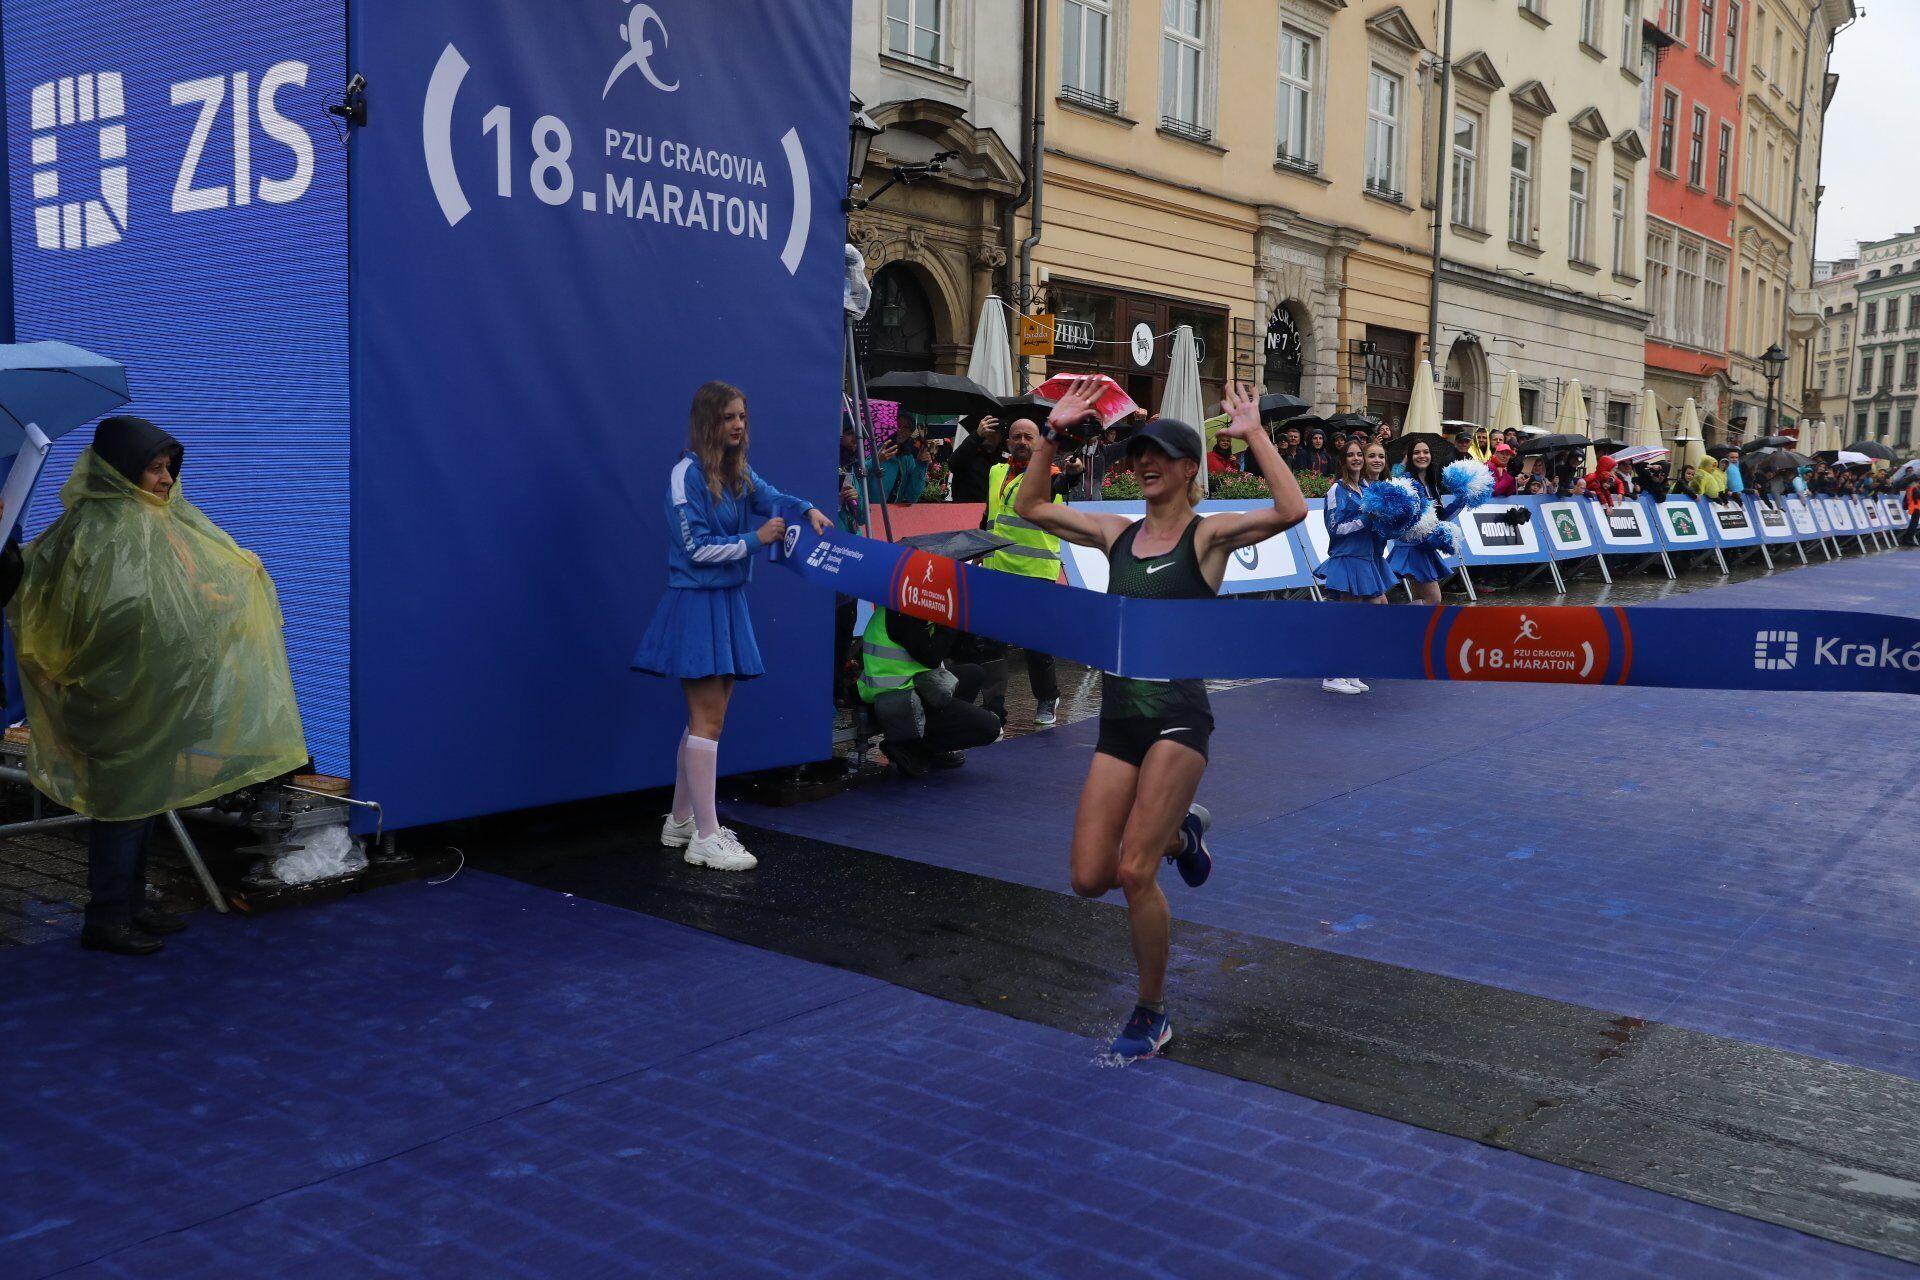 Українка Вікторія Хапіліна з рекордом виграла марафон в Болгарії